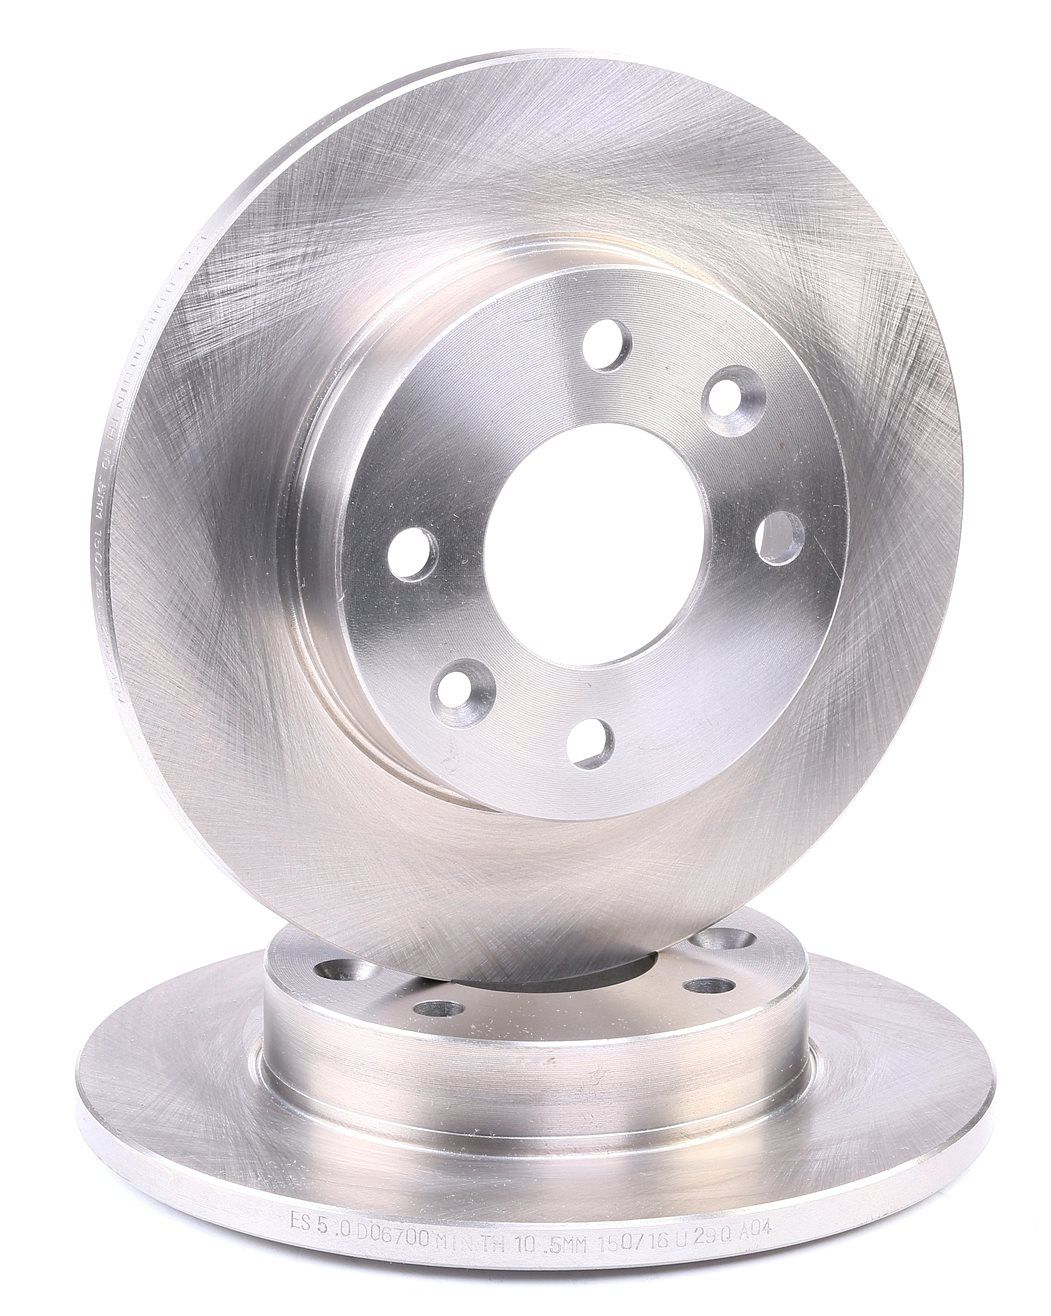 DSX606700 ROADHOUSE Vorderachse, Voll Ø: 238mm, Ø: 238mm, Lochanzahl: 4, Bremsscheibendicke: 12mm Bremsscheibe 6067.00 günstig kaufen